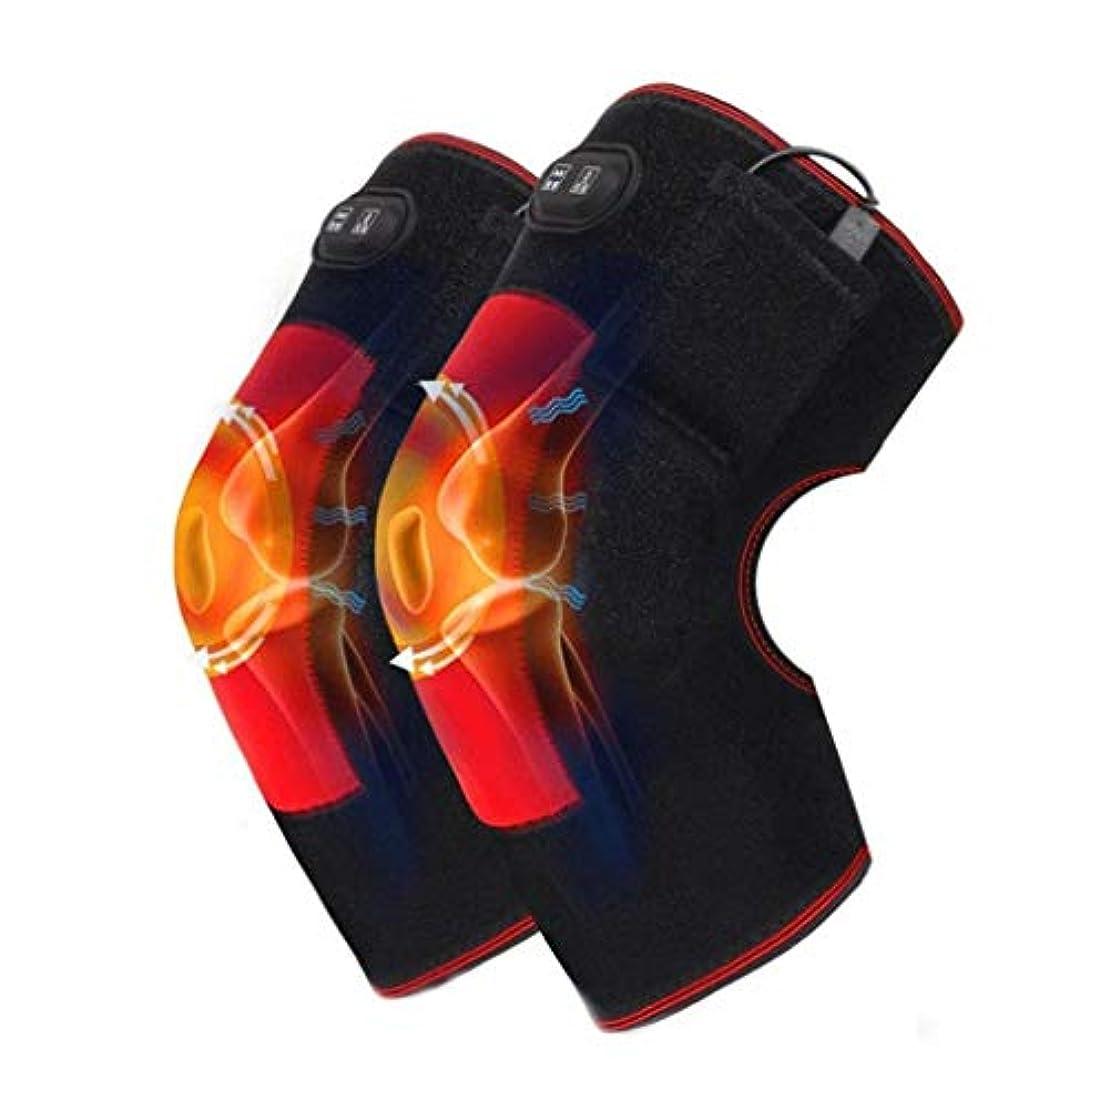 リスト爆風影響力のある膝圧迫スリーブ、膝巻き式温熱パッド、関節炎、慢性関節痛、腱炎、膝脱臼、涙靭帯を効果的に緩和できる